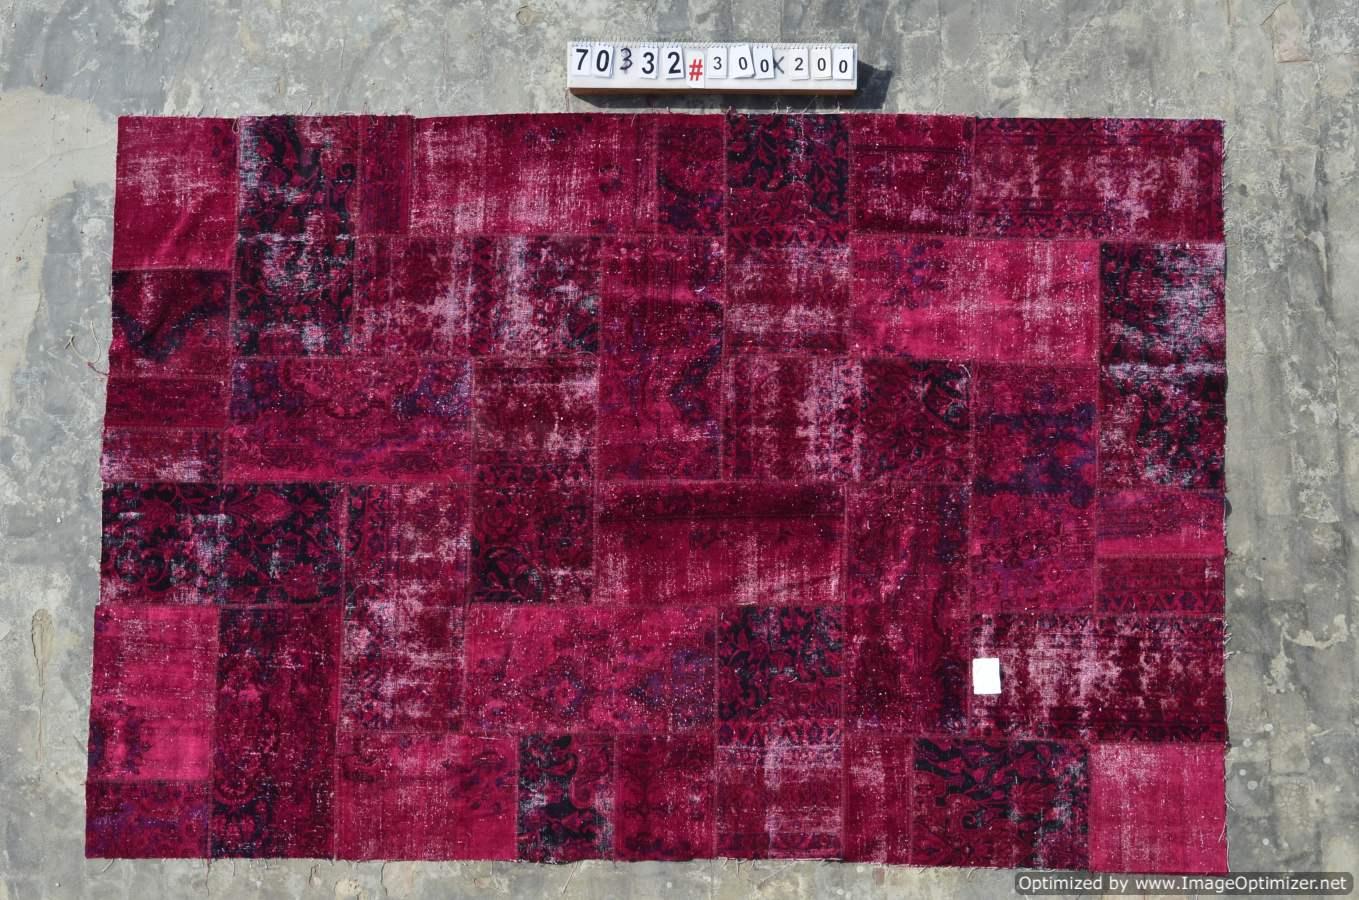 Patchwork vloerkleed uit Iran  70332  (300cm x 200cm) gemaakt vintage vloerkleden incl.onderkleed van katoen.